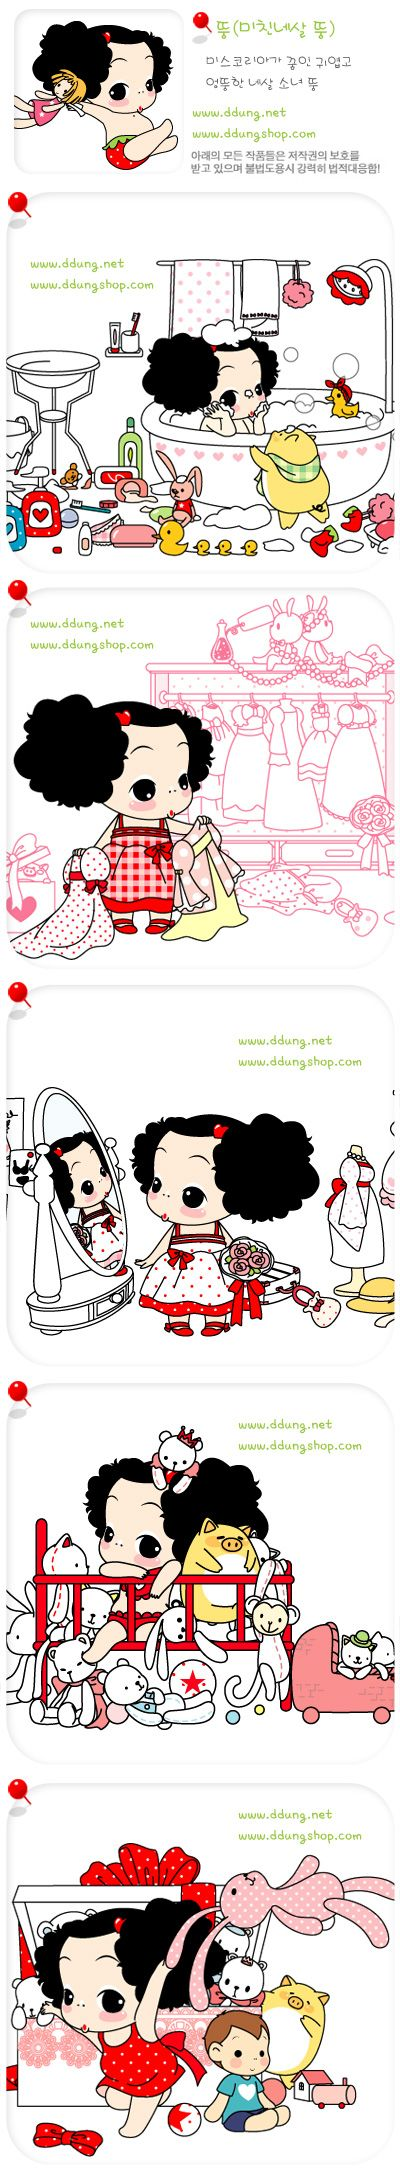 Die besten 25 badezimmer cartoon ideen auf pinterest badezimmer meme badezimmer clipart und - Badezimmer comic ...